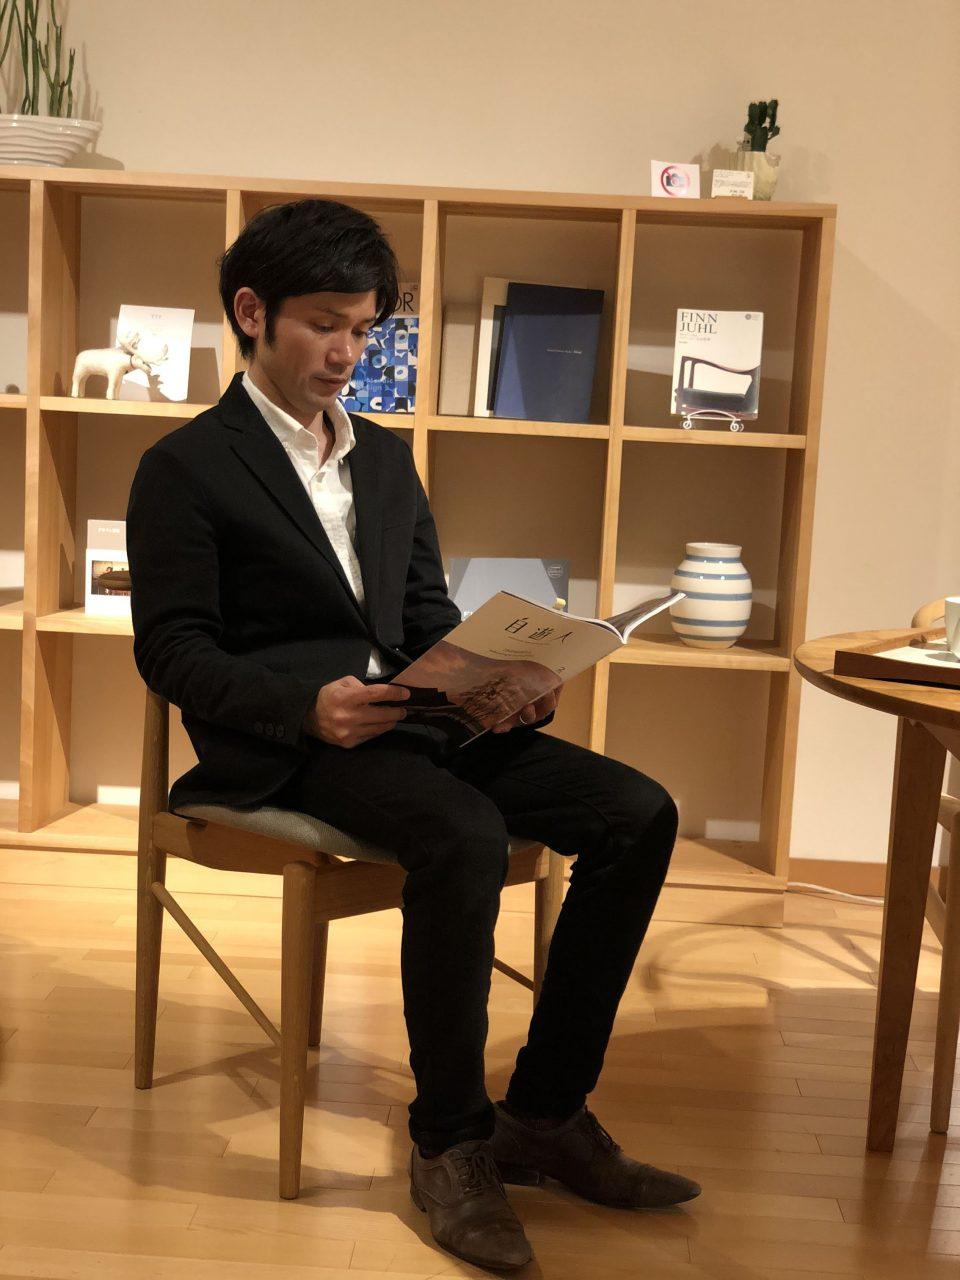 フィンユールのリーディングチェアは読書をする椅子